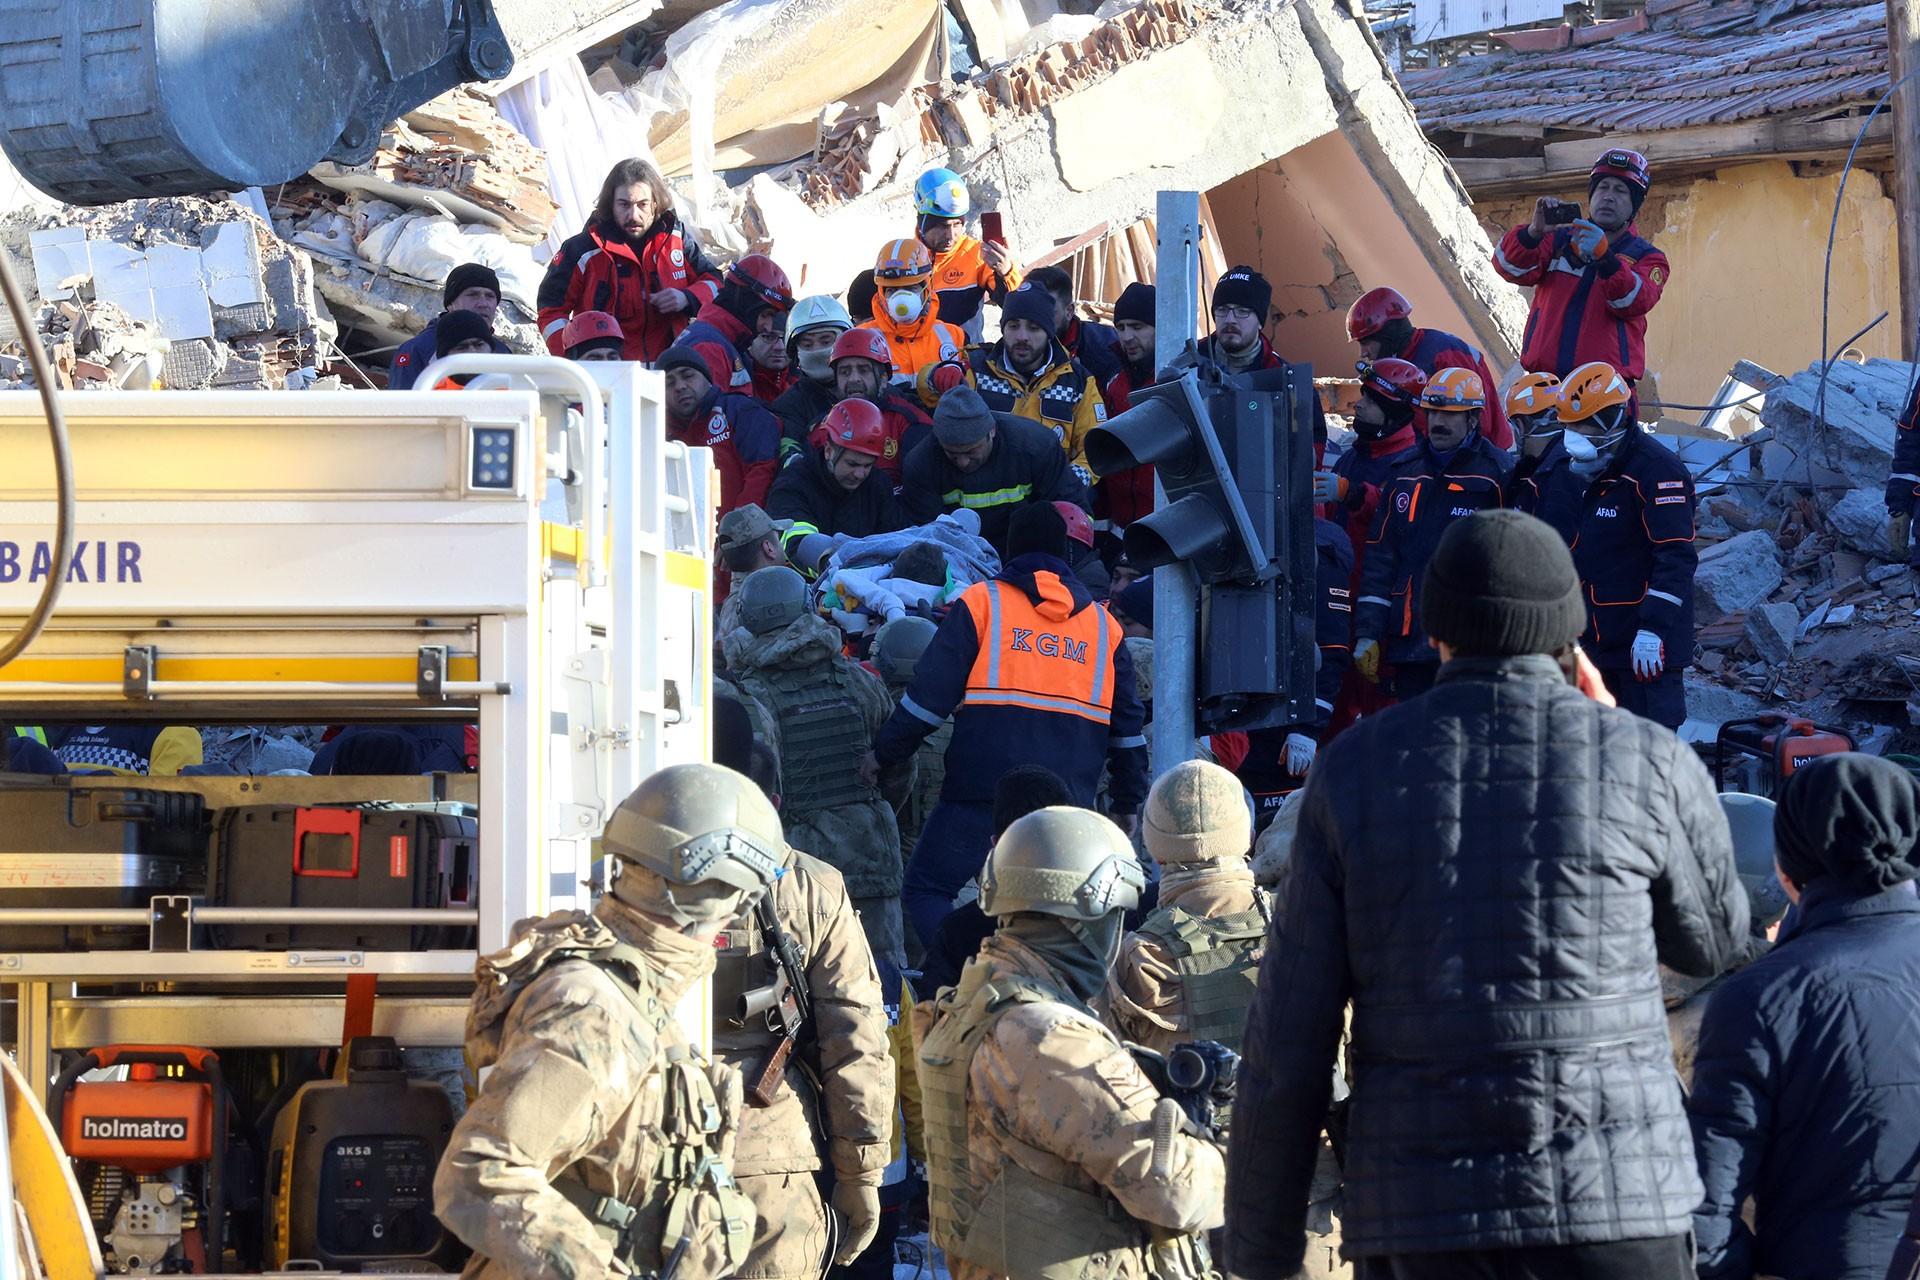 Ekipler, deprem sonucu yıkılan bir binanın enkazından küçük bir çocuğu çıkarıyor